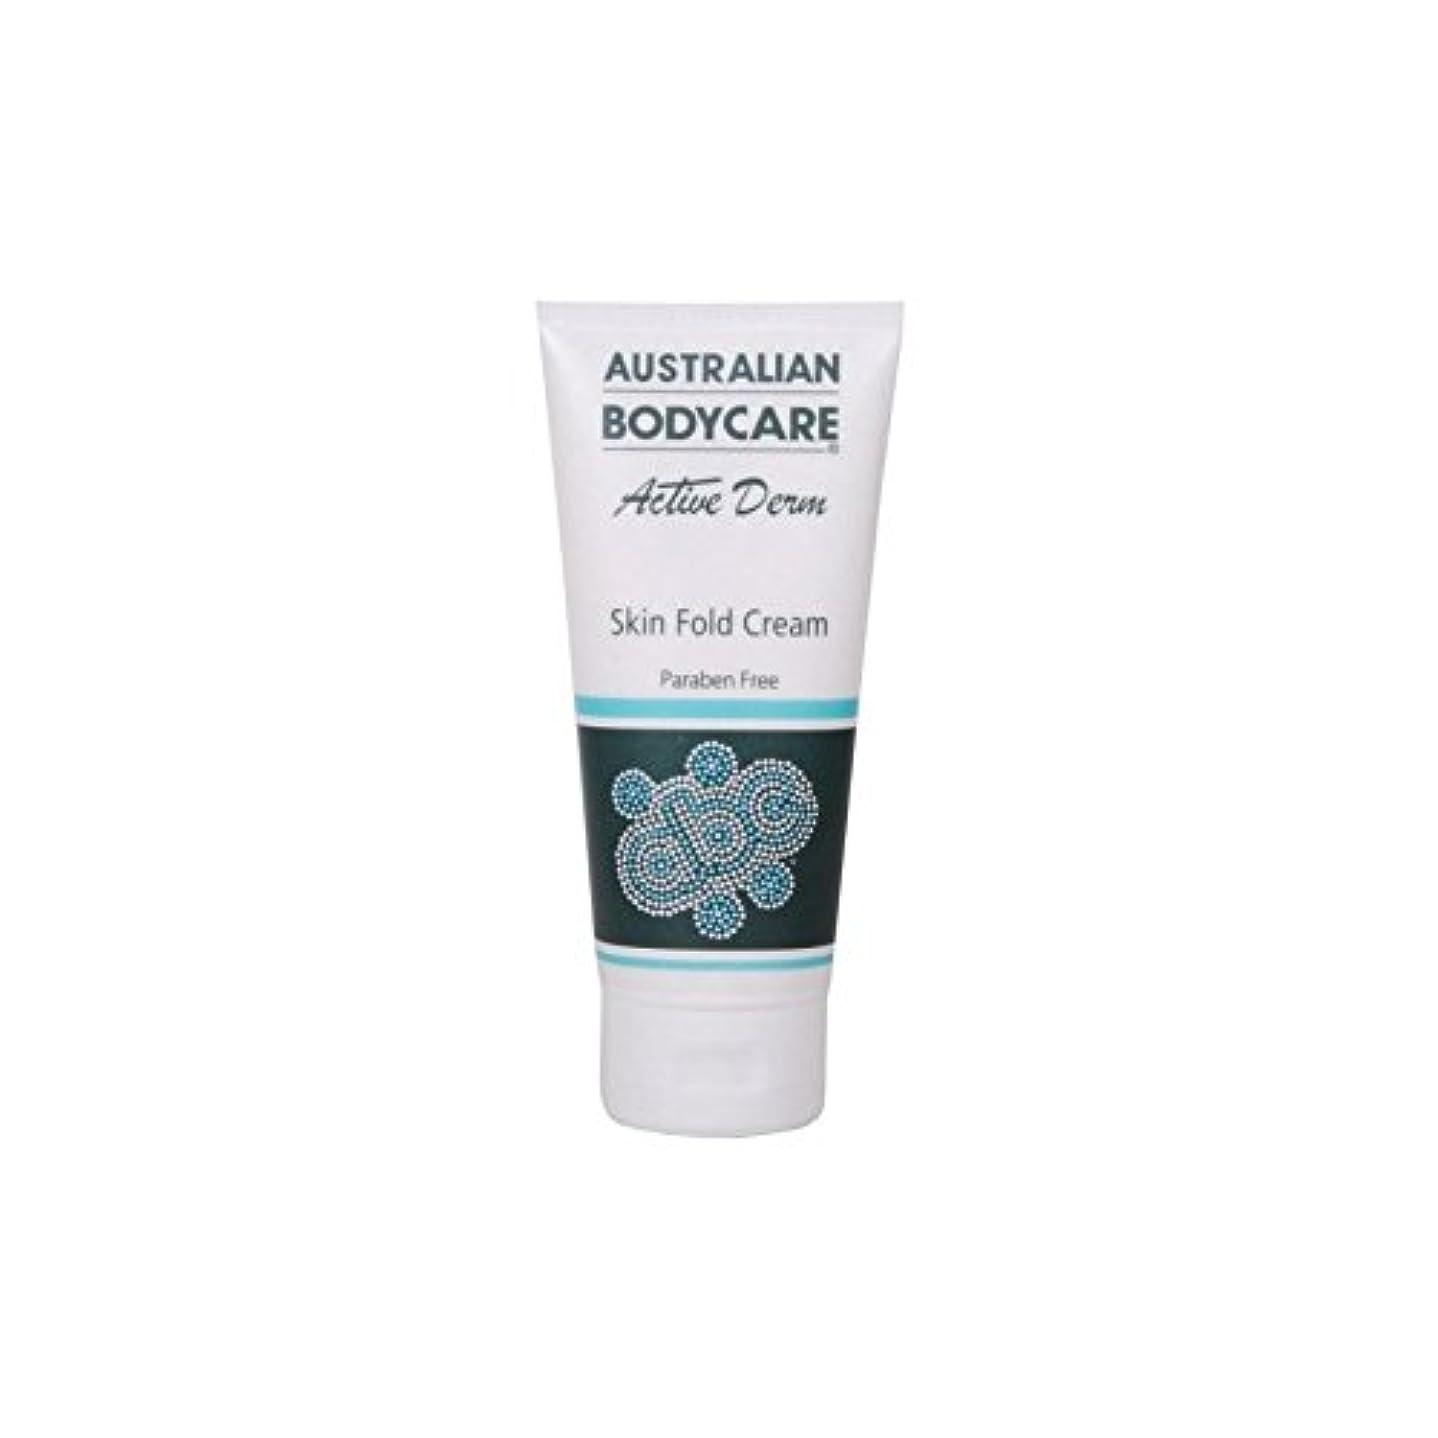 スペイン市長可能性Australian Bodycare Active Derm Skin Fold Cream (100ml) (Pack of 6) - オーストラリアのボディケアアクティブダーム皮膚のひだクリーム(100ミリリットル...